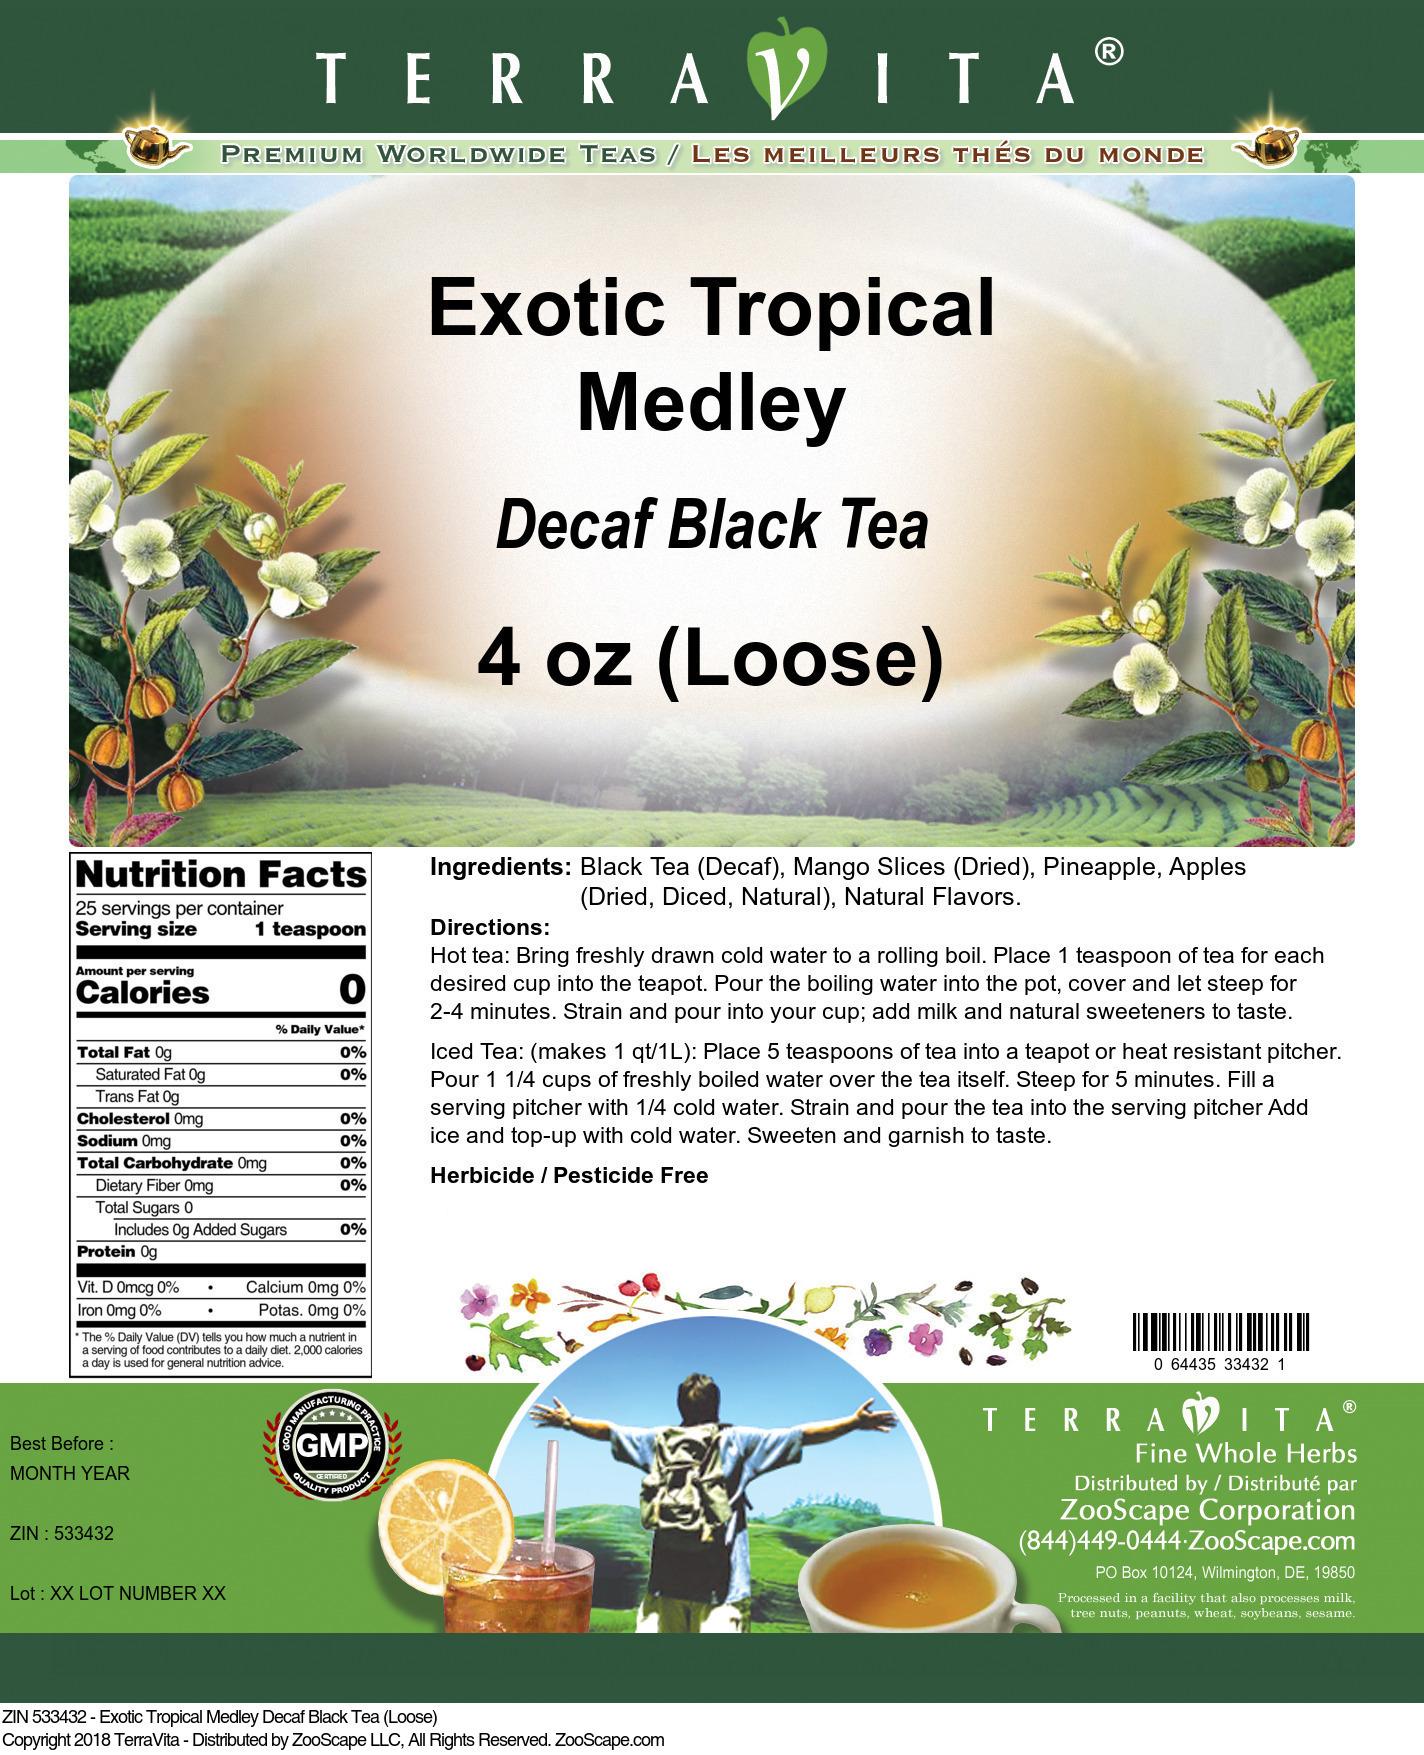 Exotic Tropical Medley Decaf Black Tea